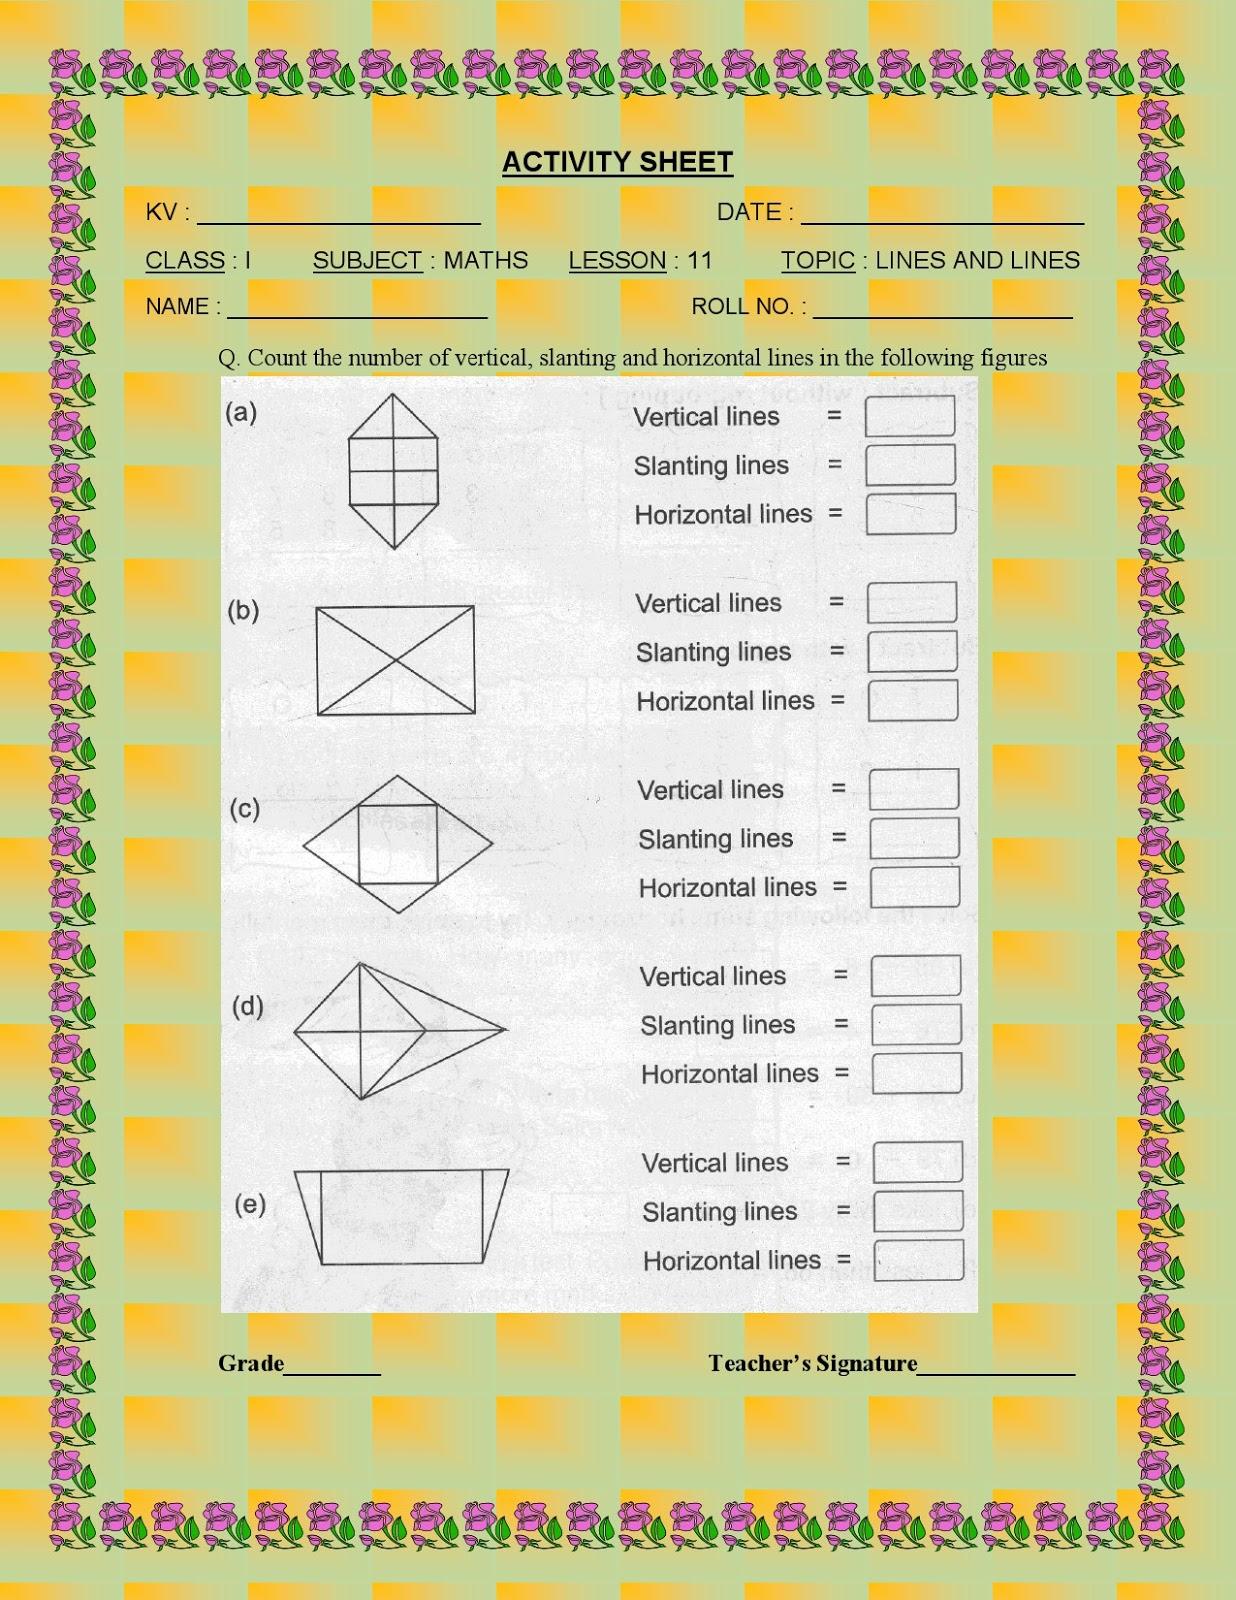 worksheets for kids, worksheets for kindergarten, worksheets for preschool, worksheet math,